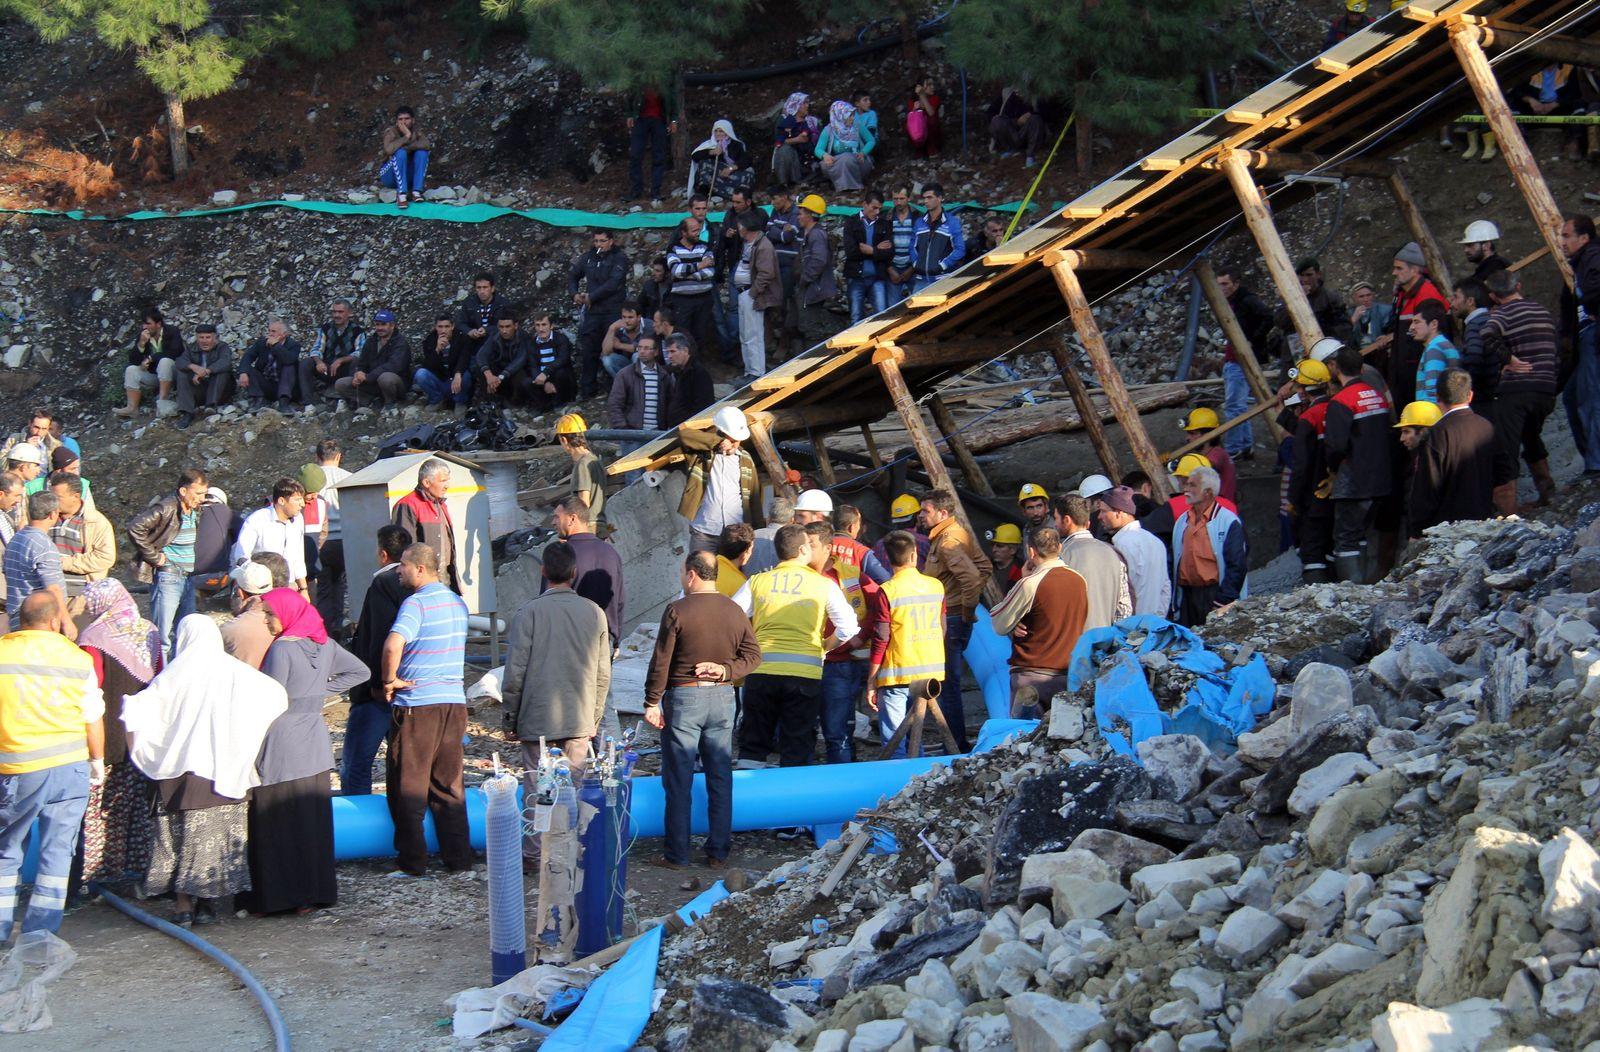 Mine collapse in Turkey